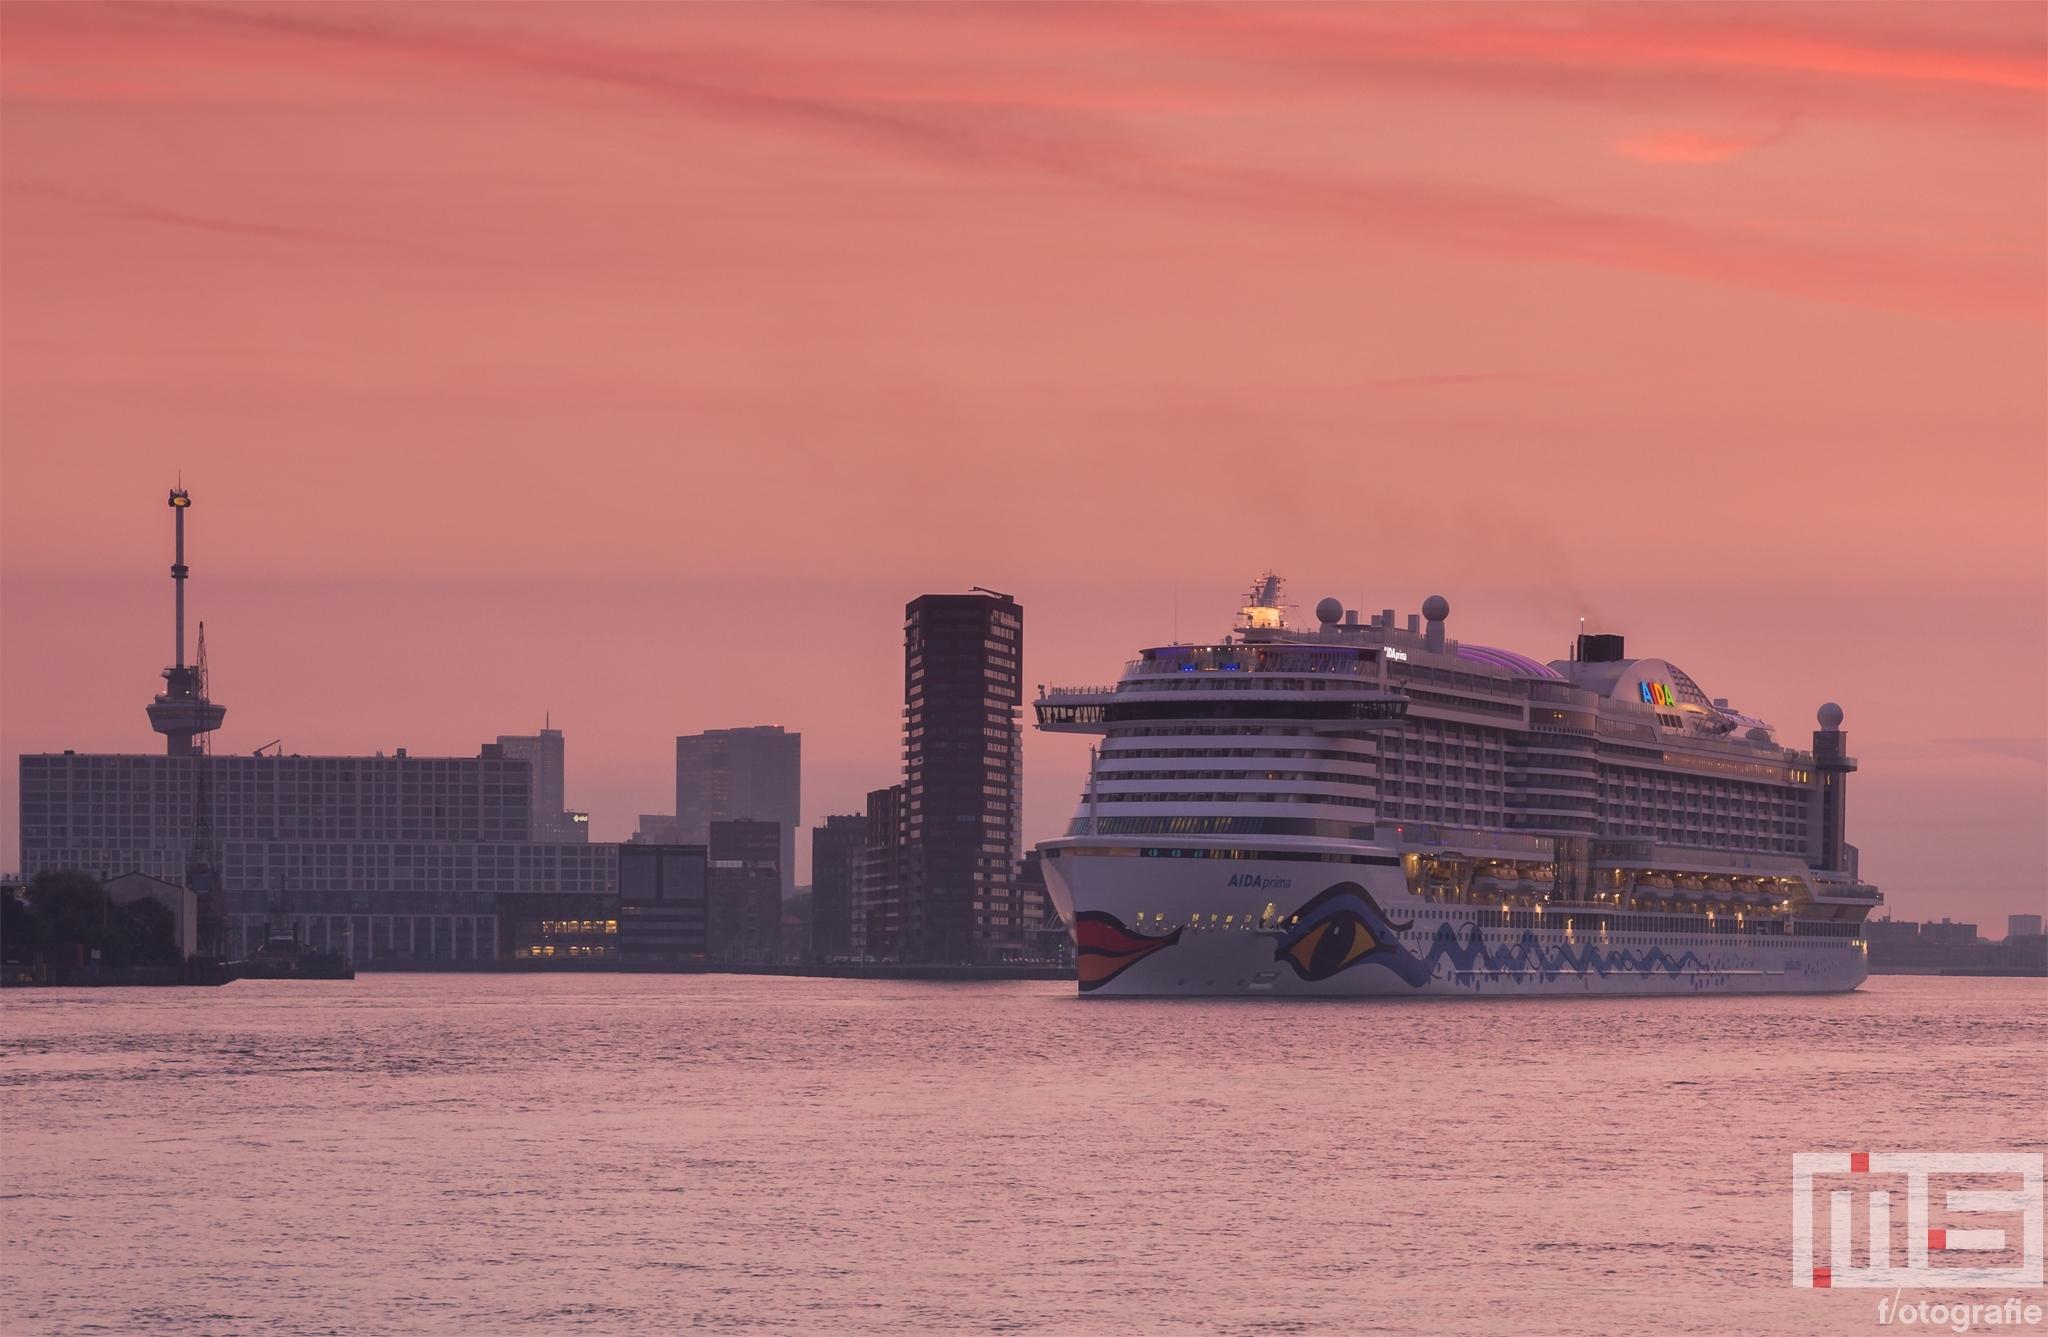 Het cruiseship Aida Prima met de Euromast in Rotterdam tijdens zonsopkomst